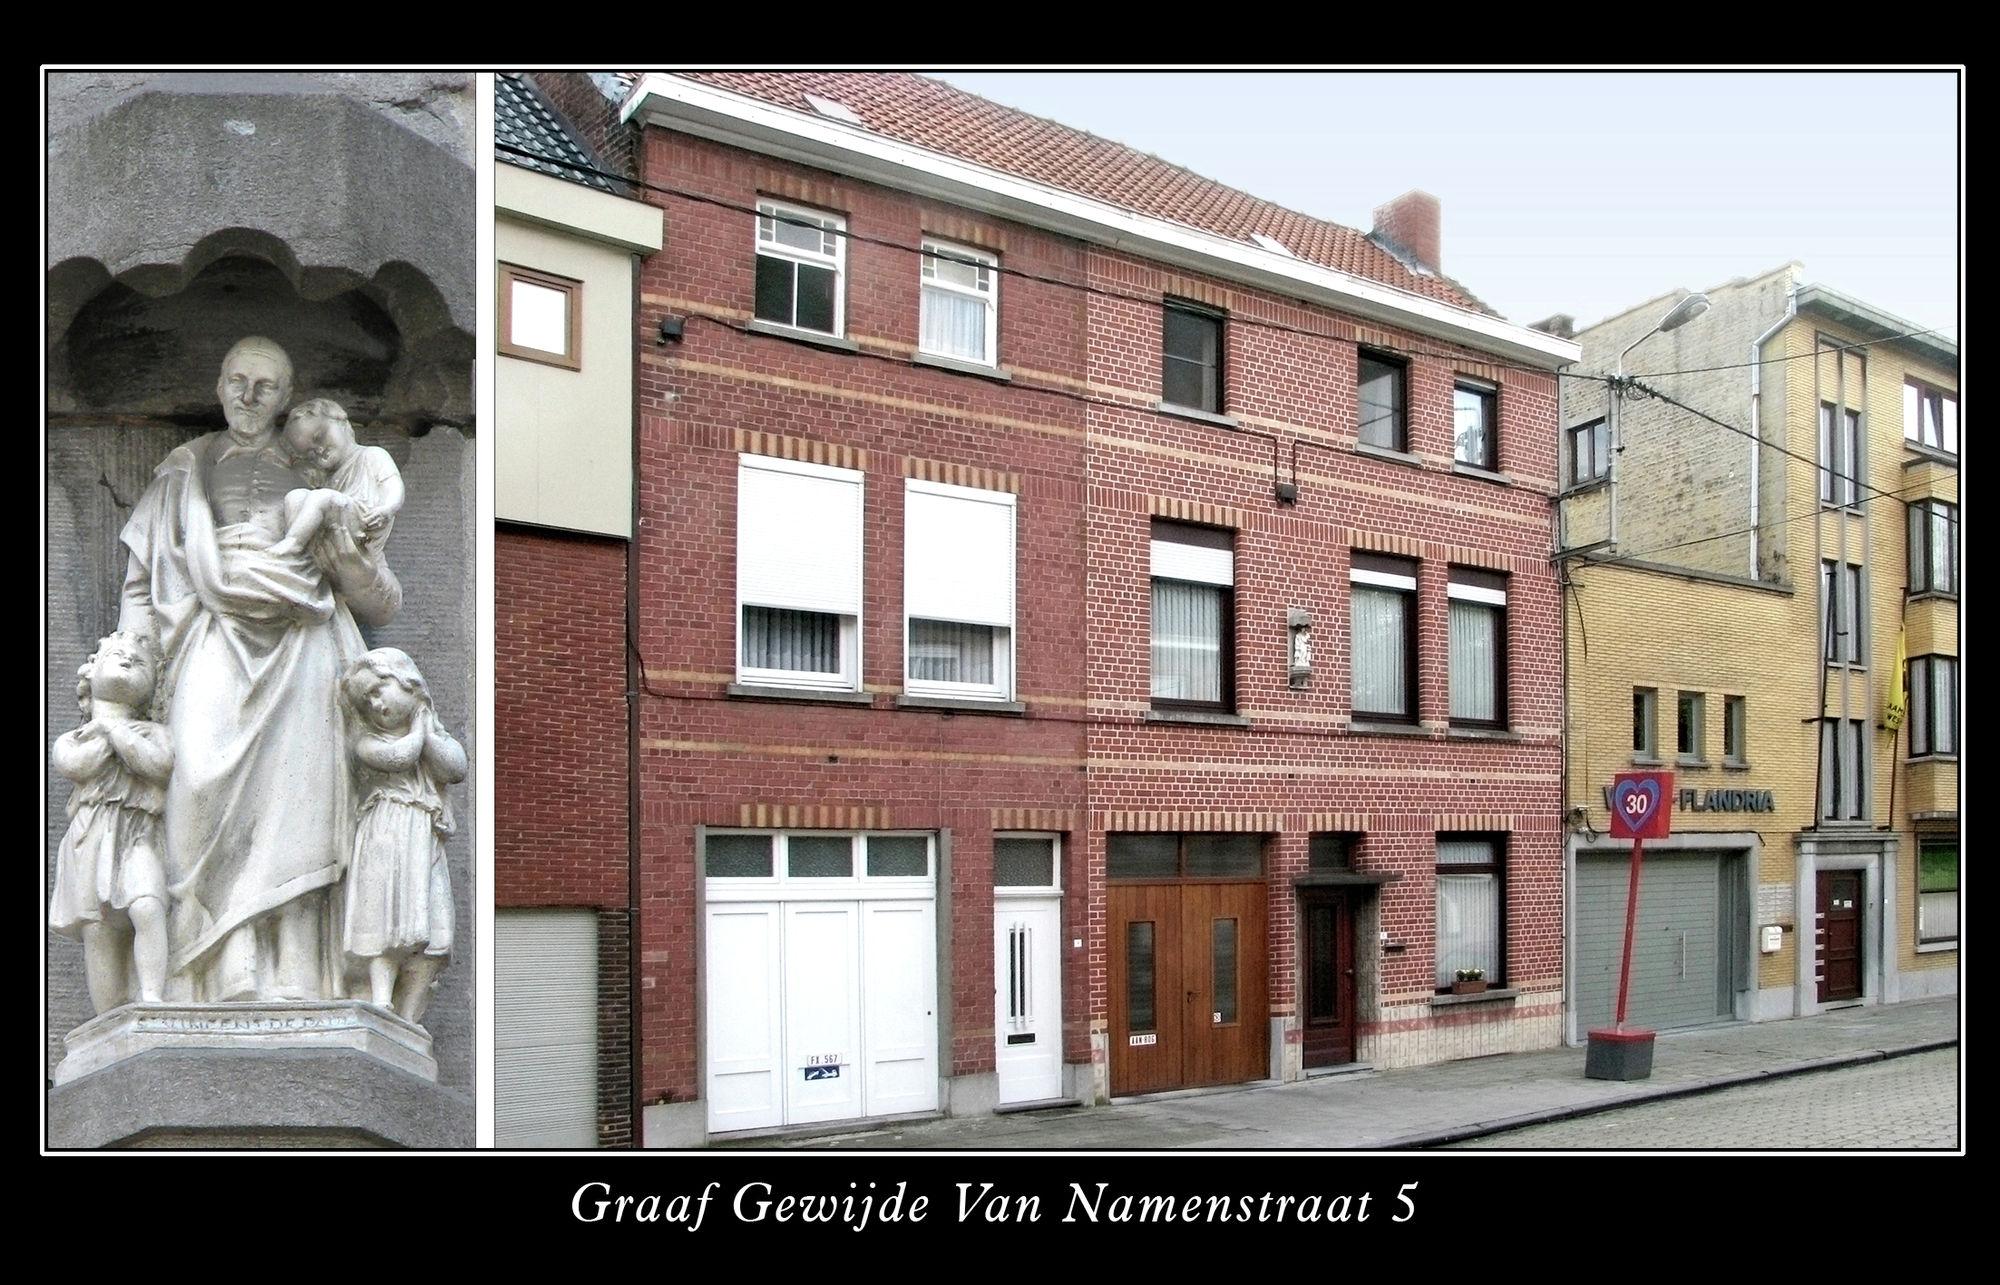 Graaf Gwijde Van Namenstraat